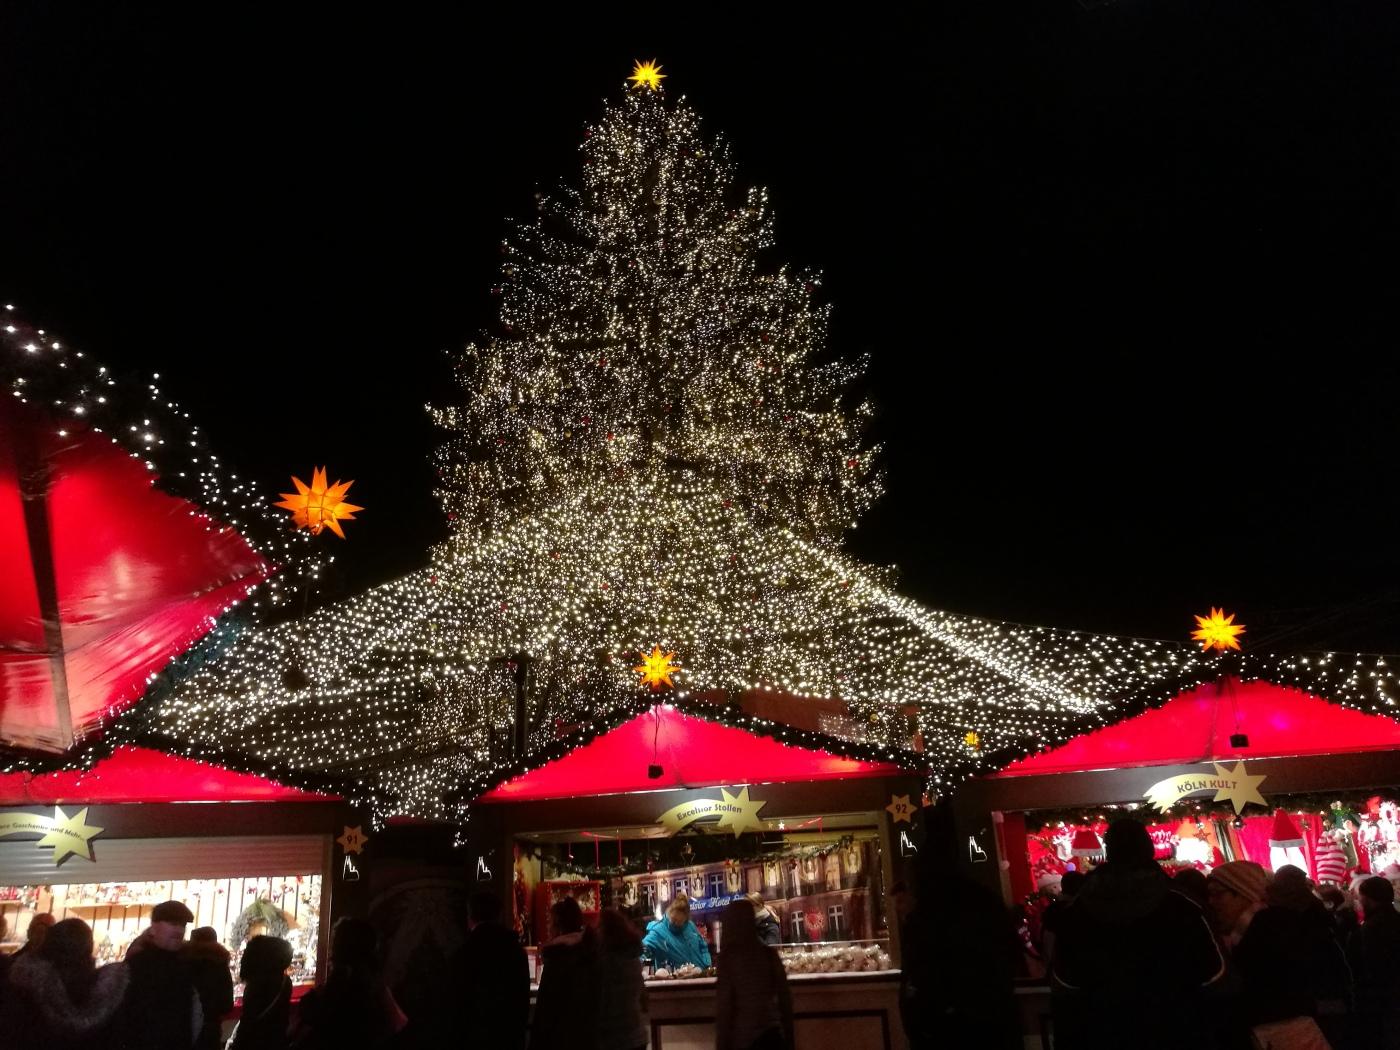 Navidad alemana algunas de sus tradiciones y costumbres - Costumbres navidenas en alemania ...